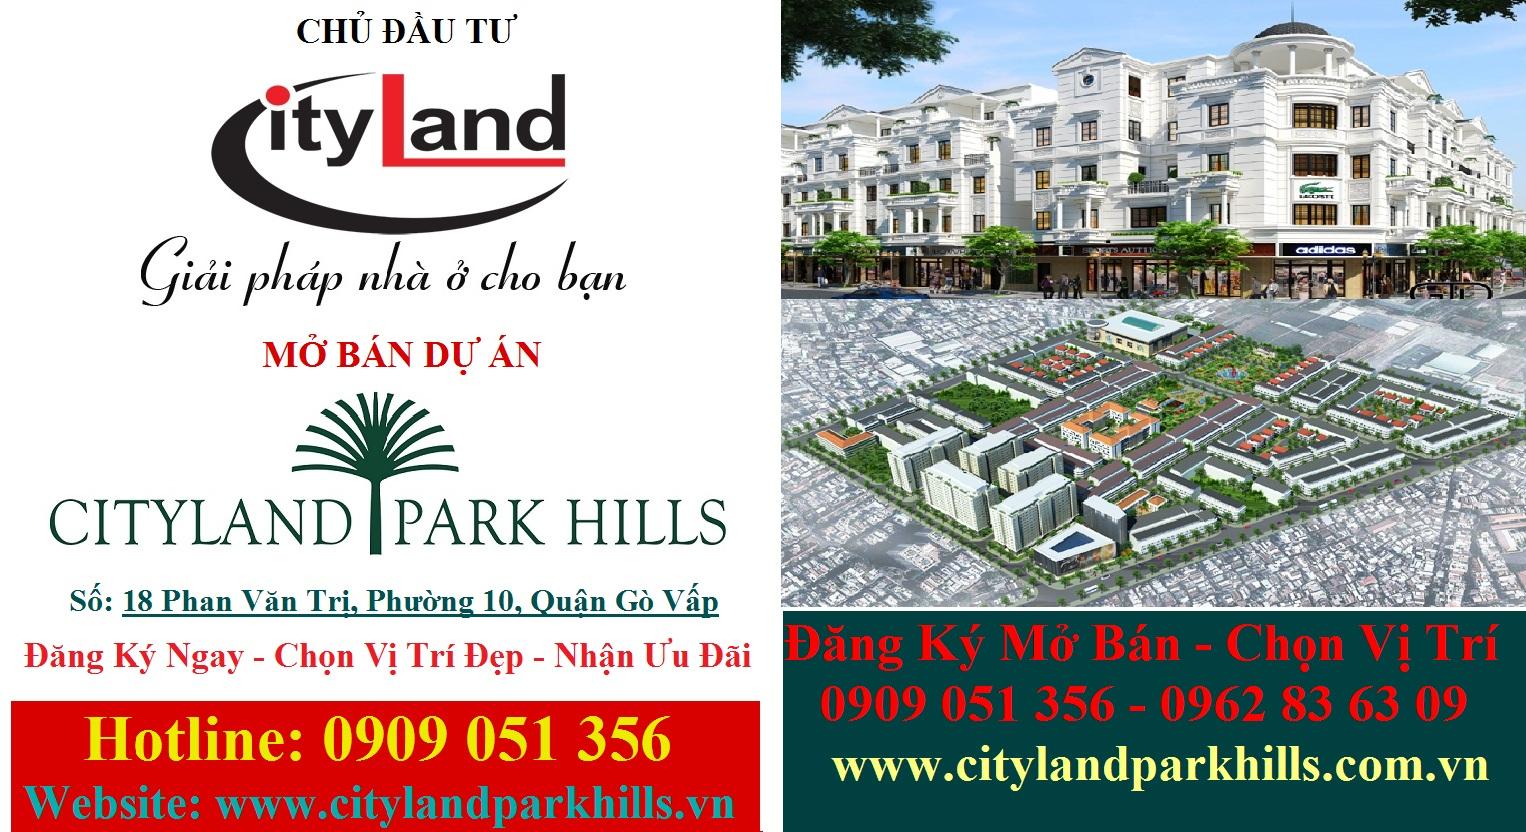 du an cityland park hills go vap